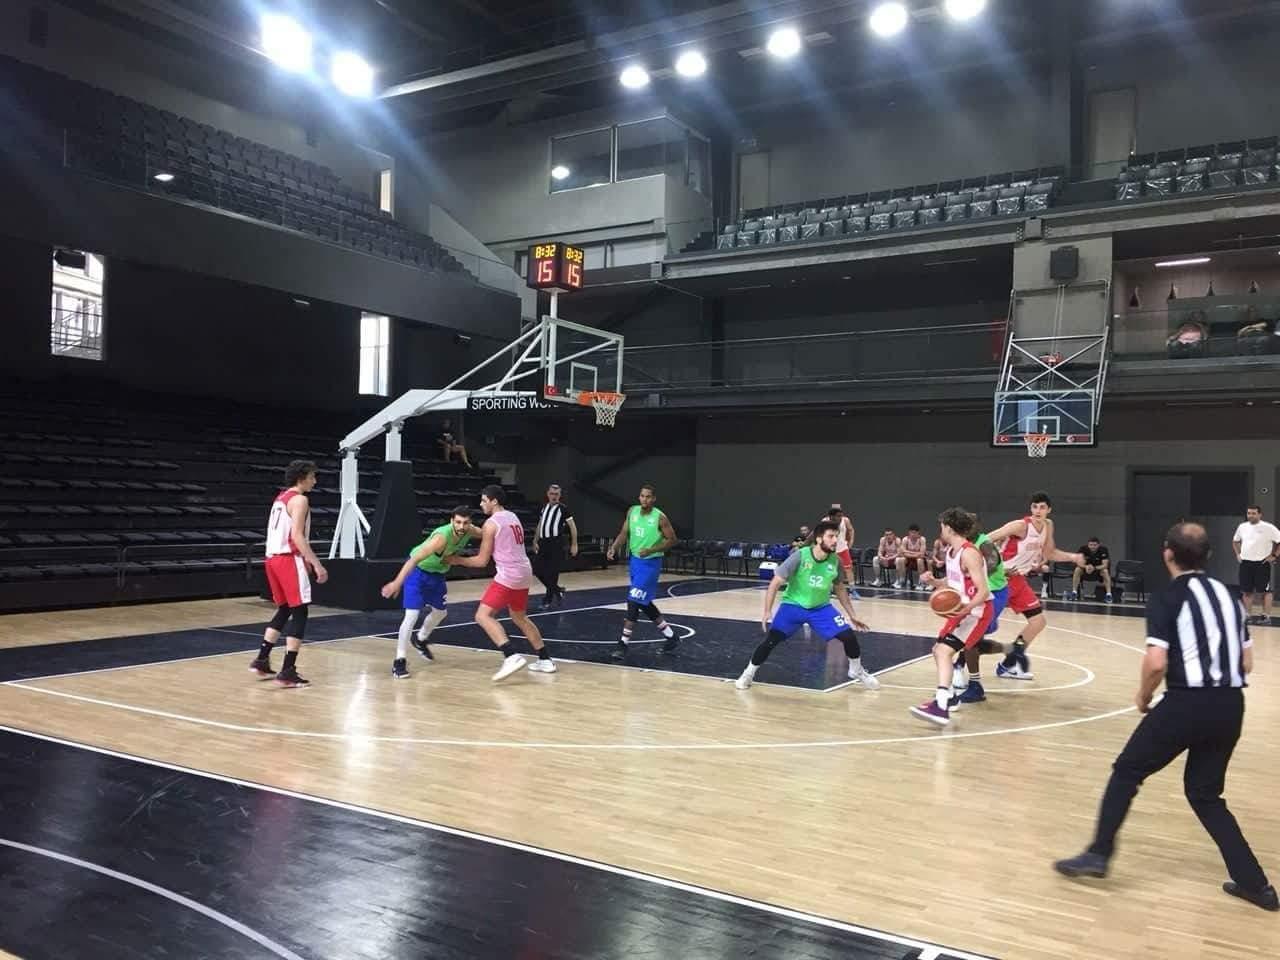 საქართველოს U18 ნაკრები ევროპის ჩემპიონატზე, მაკედონიაში გაემგზავრა